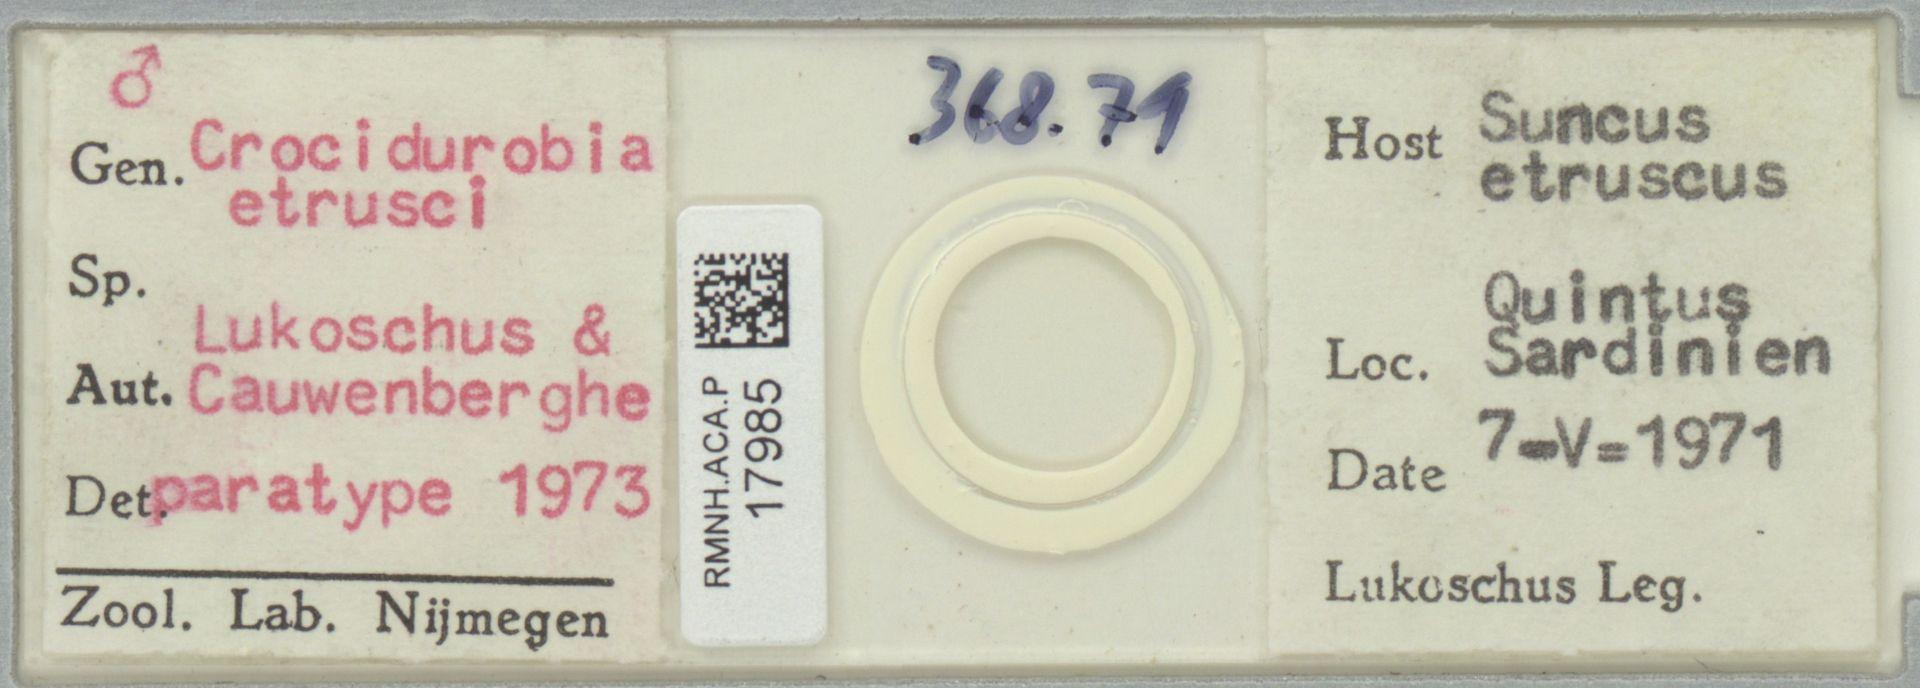 RMNH.ACA.P.17985   Crocidurobia etrusci